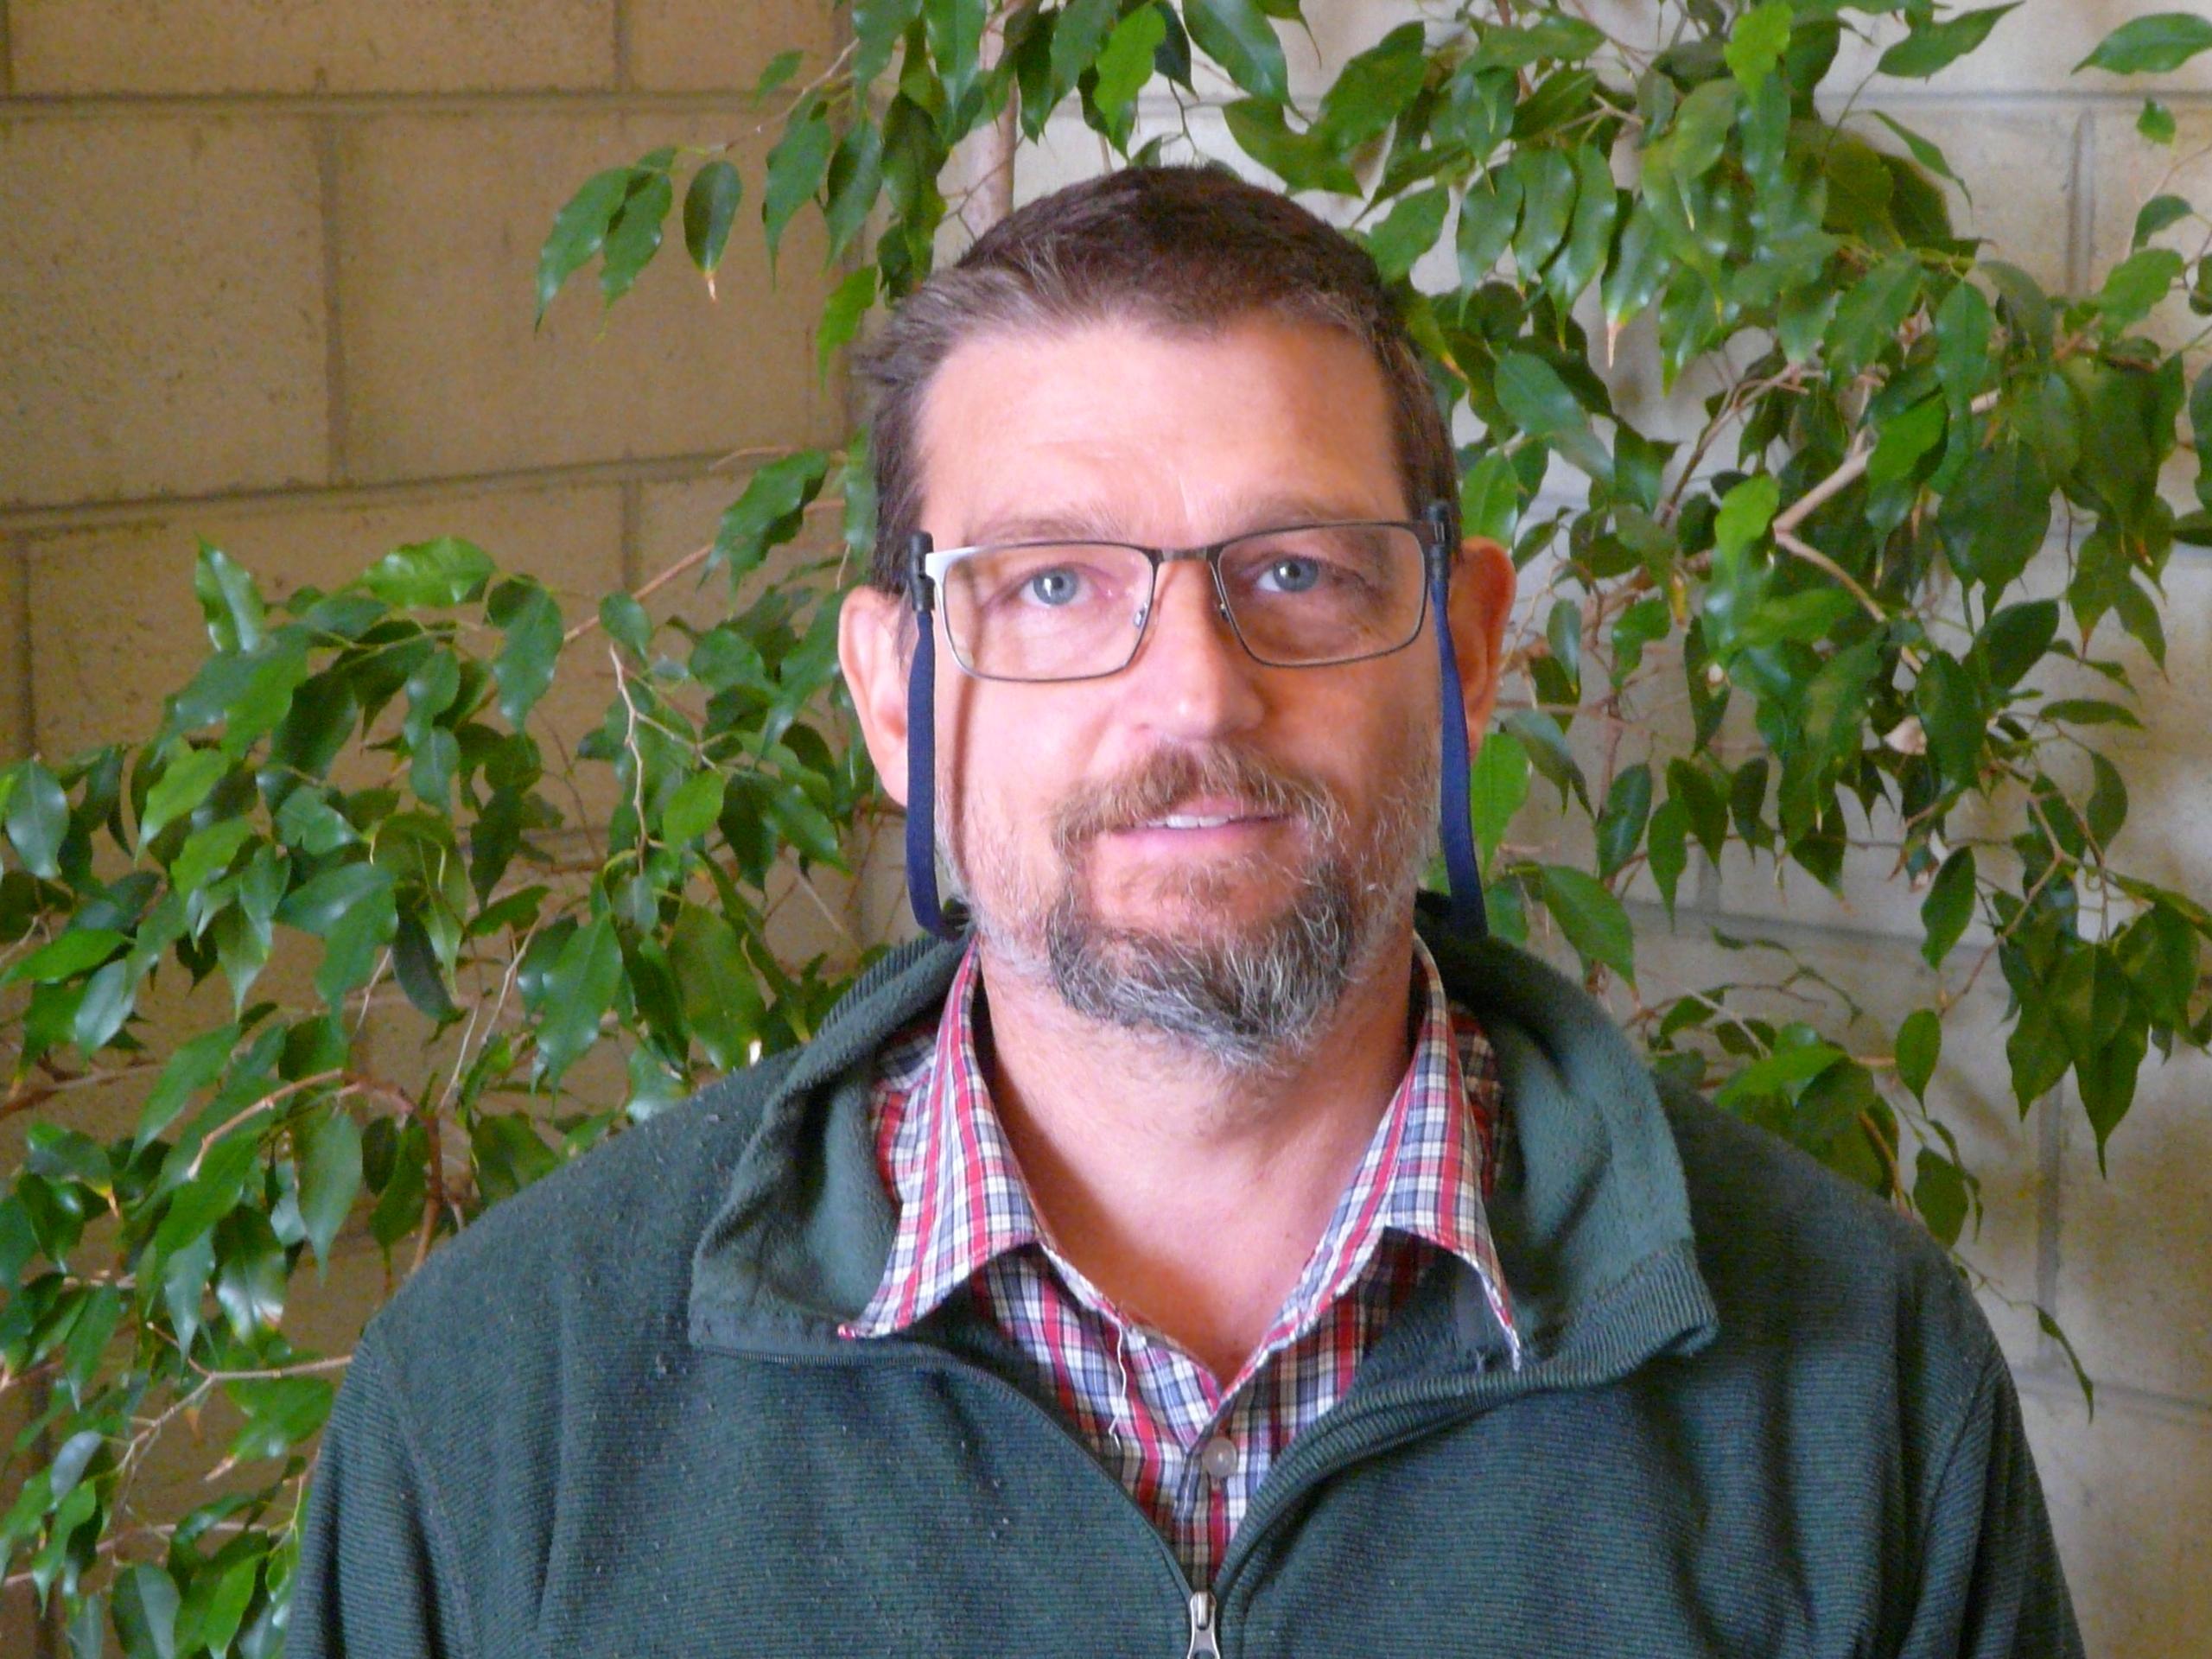 Vince Barsolo